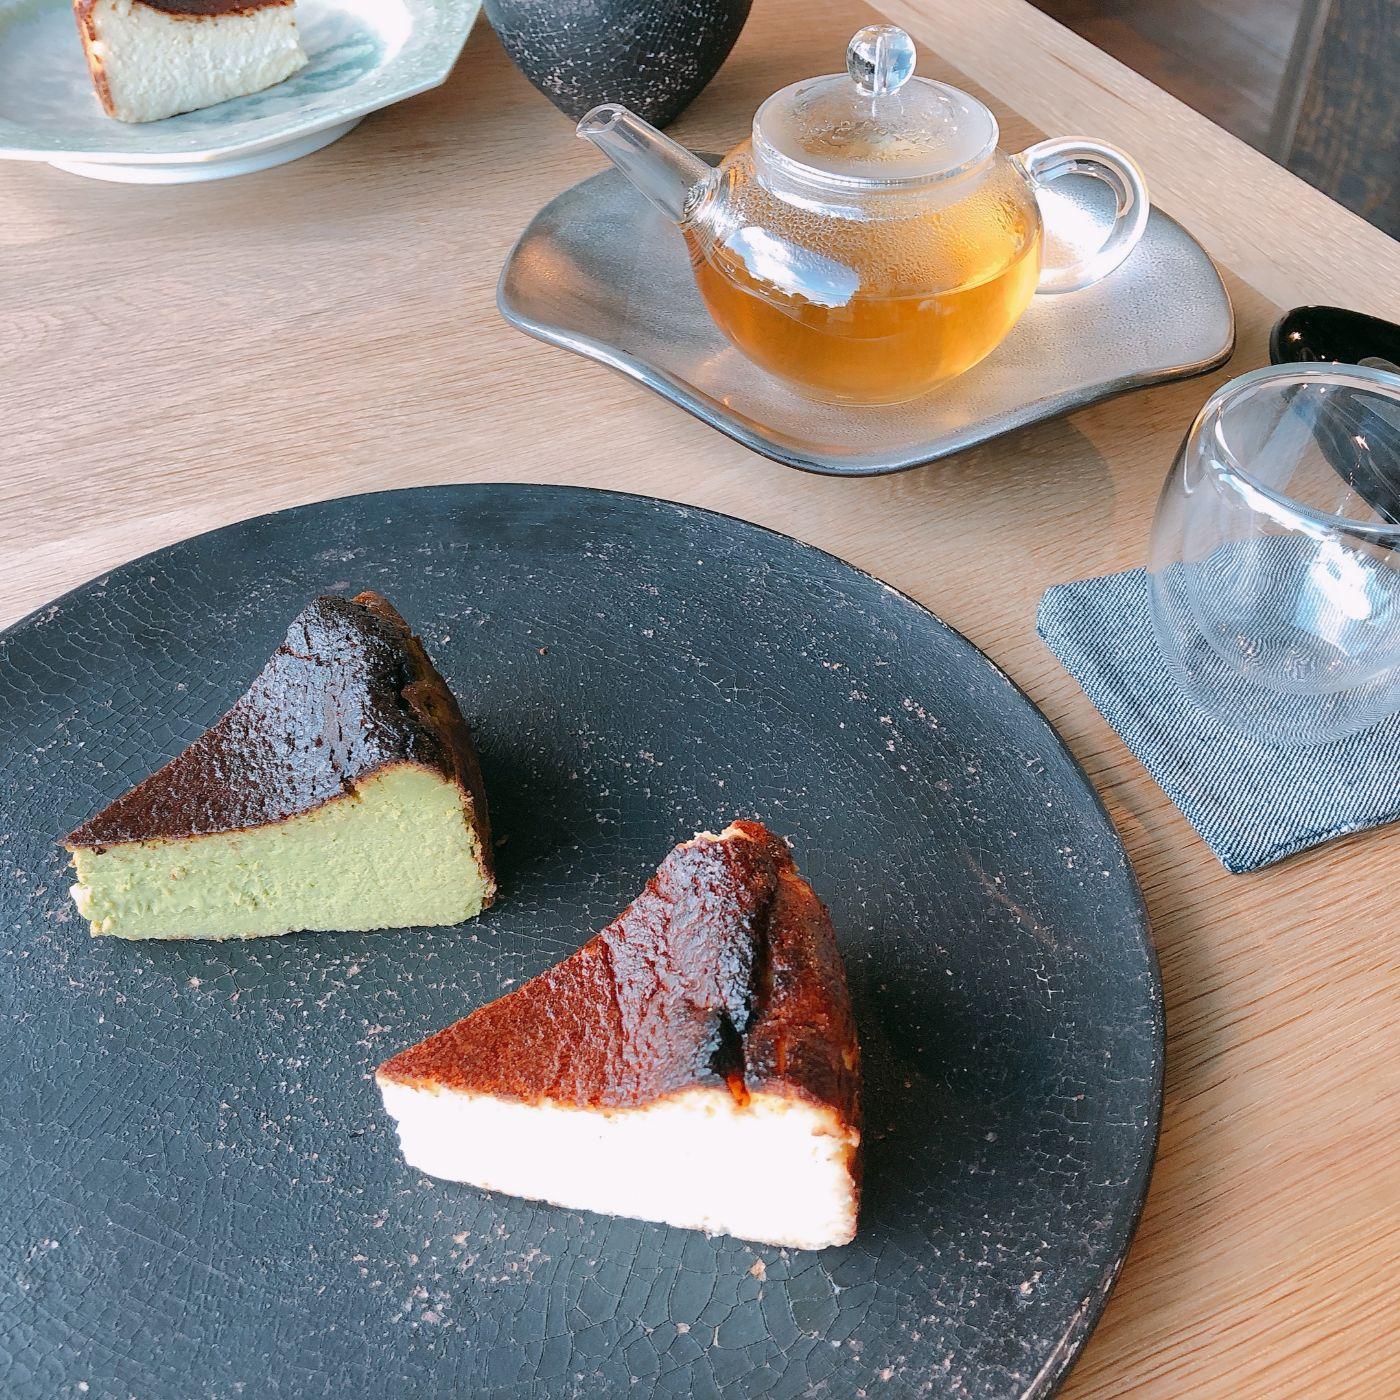 バスクチーズケーキとブレンドティー